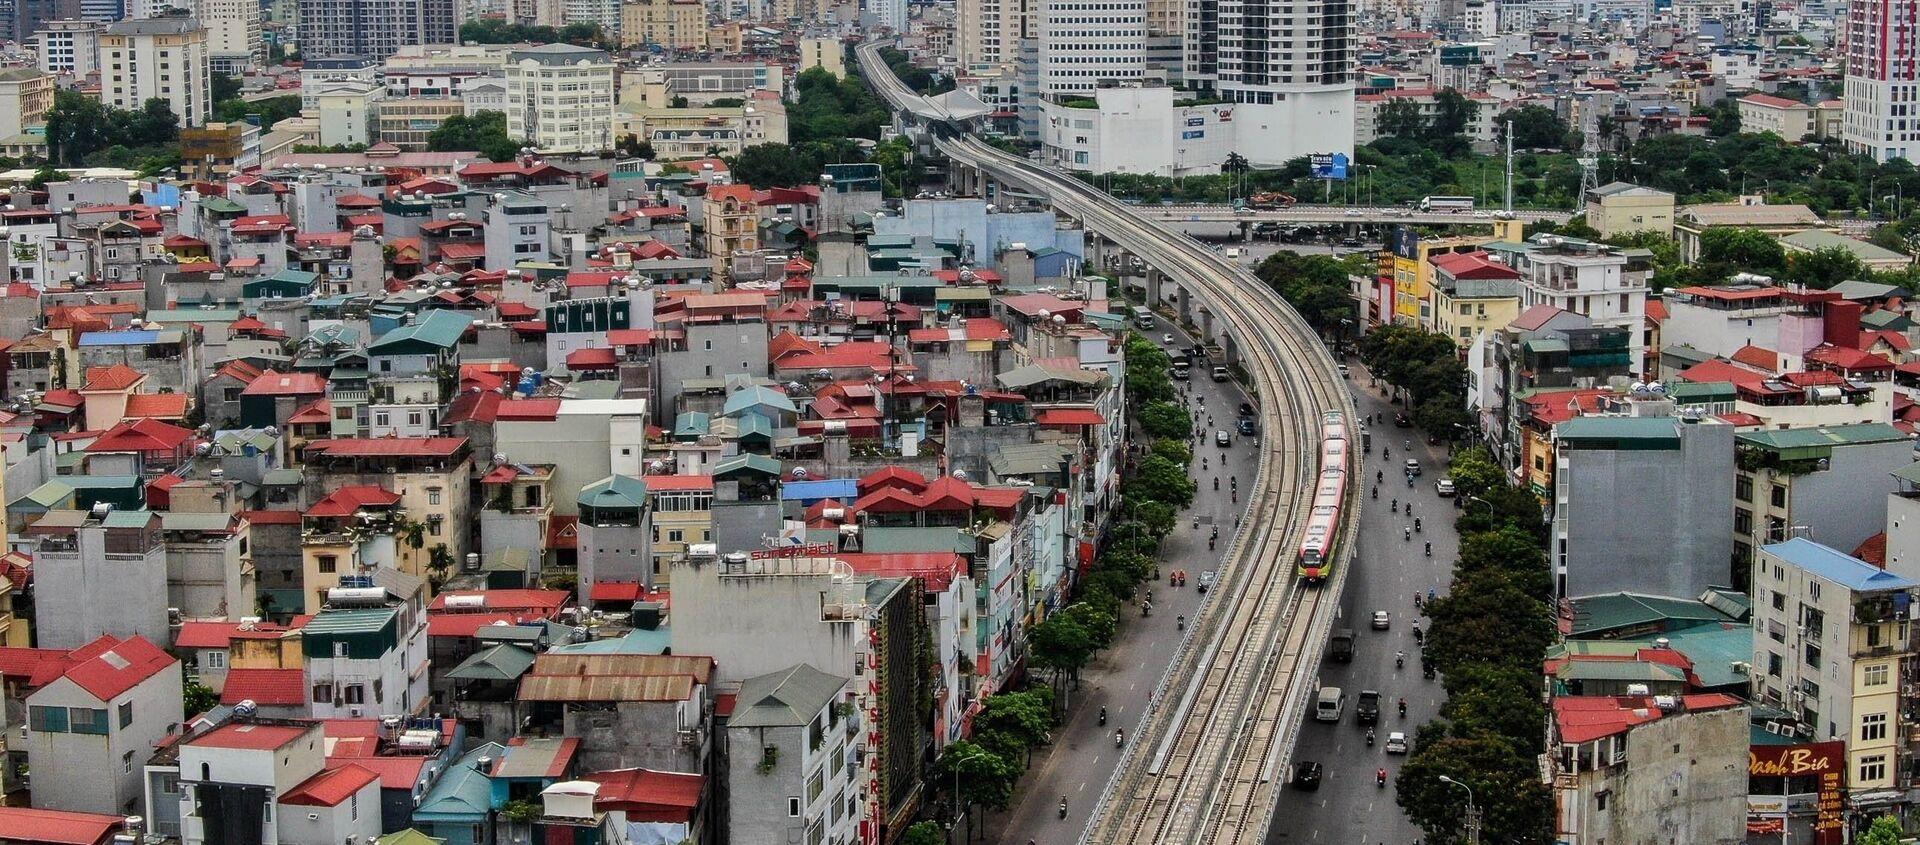 Đoàn tàu chạy qua tuyến đường Nhổn - Ga Hà Nội (đoạn trên cao dài 8,5km từ Nhổn đến Đại học Giao thông vận tải). - Sputnik Việt Nam, 1920, 19.08.2021